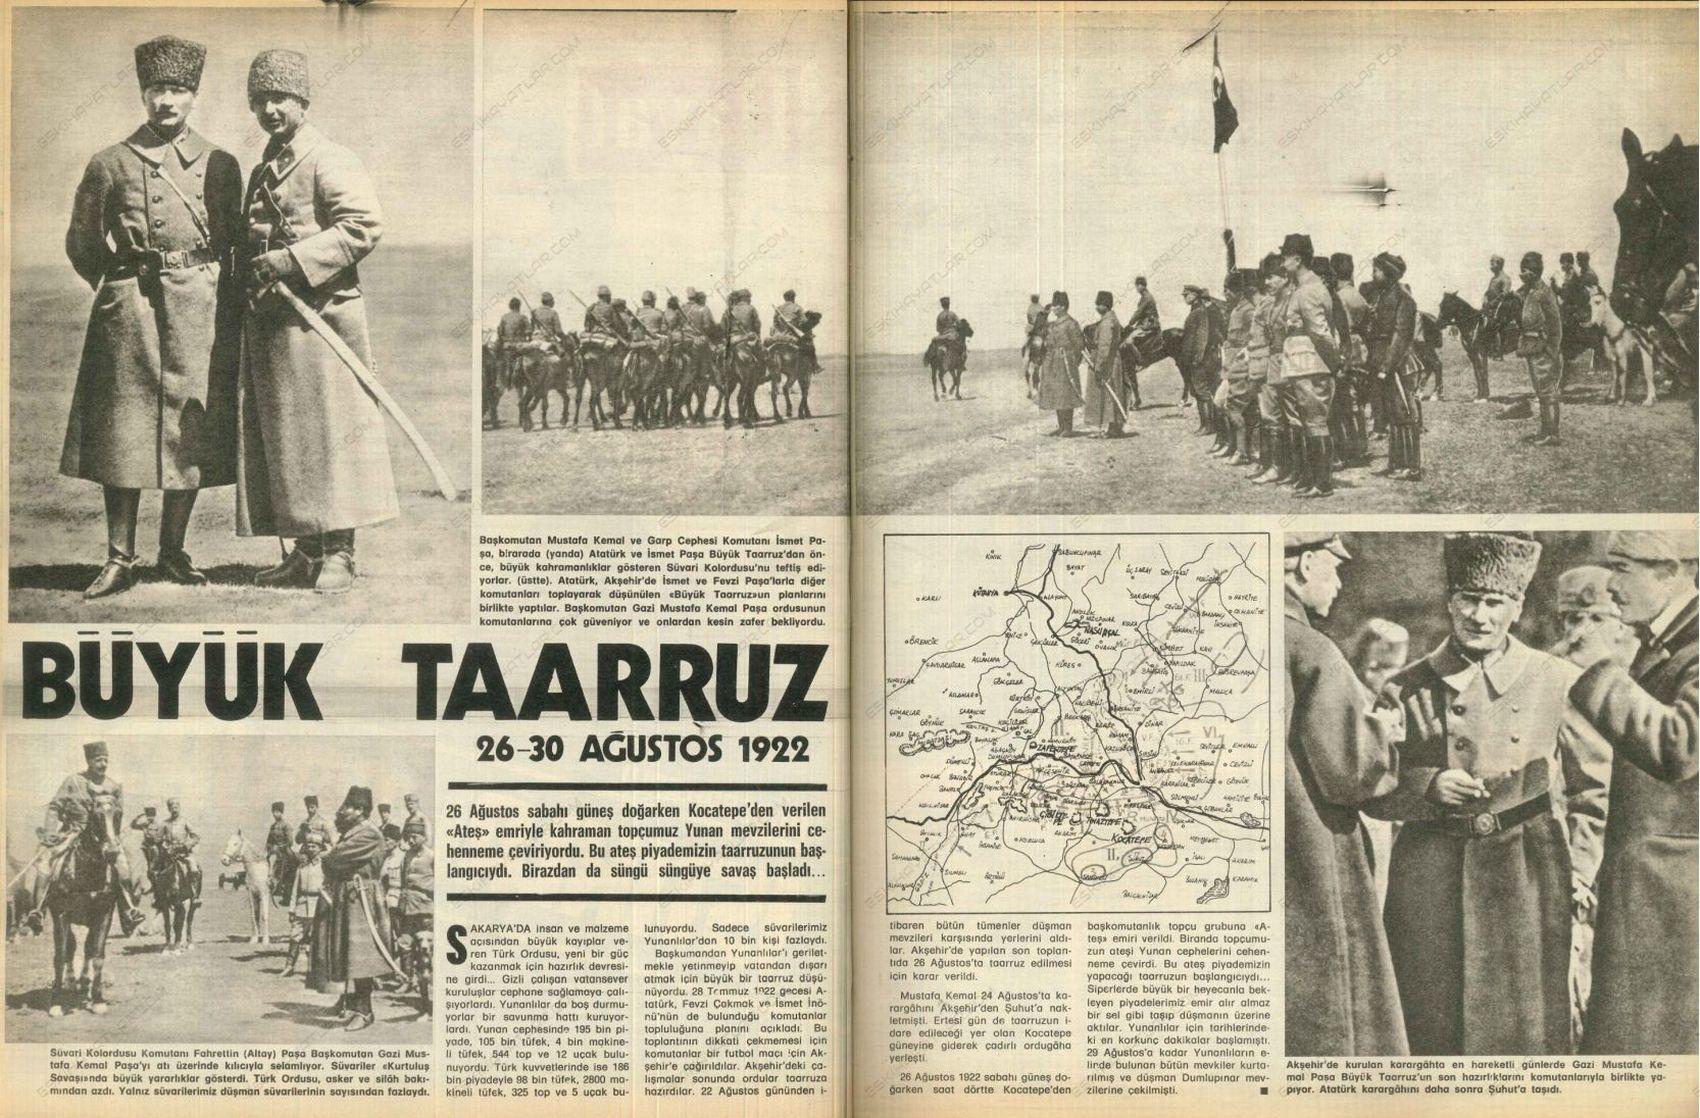 0650-mustafa-kemal-ataturk-istiklal-savasi-fotograflari-cumhuriyet-ilani-buyuk-taarruz-1983-hayat-dergisi-ozel-ekleri (18)